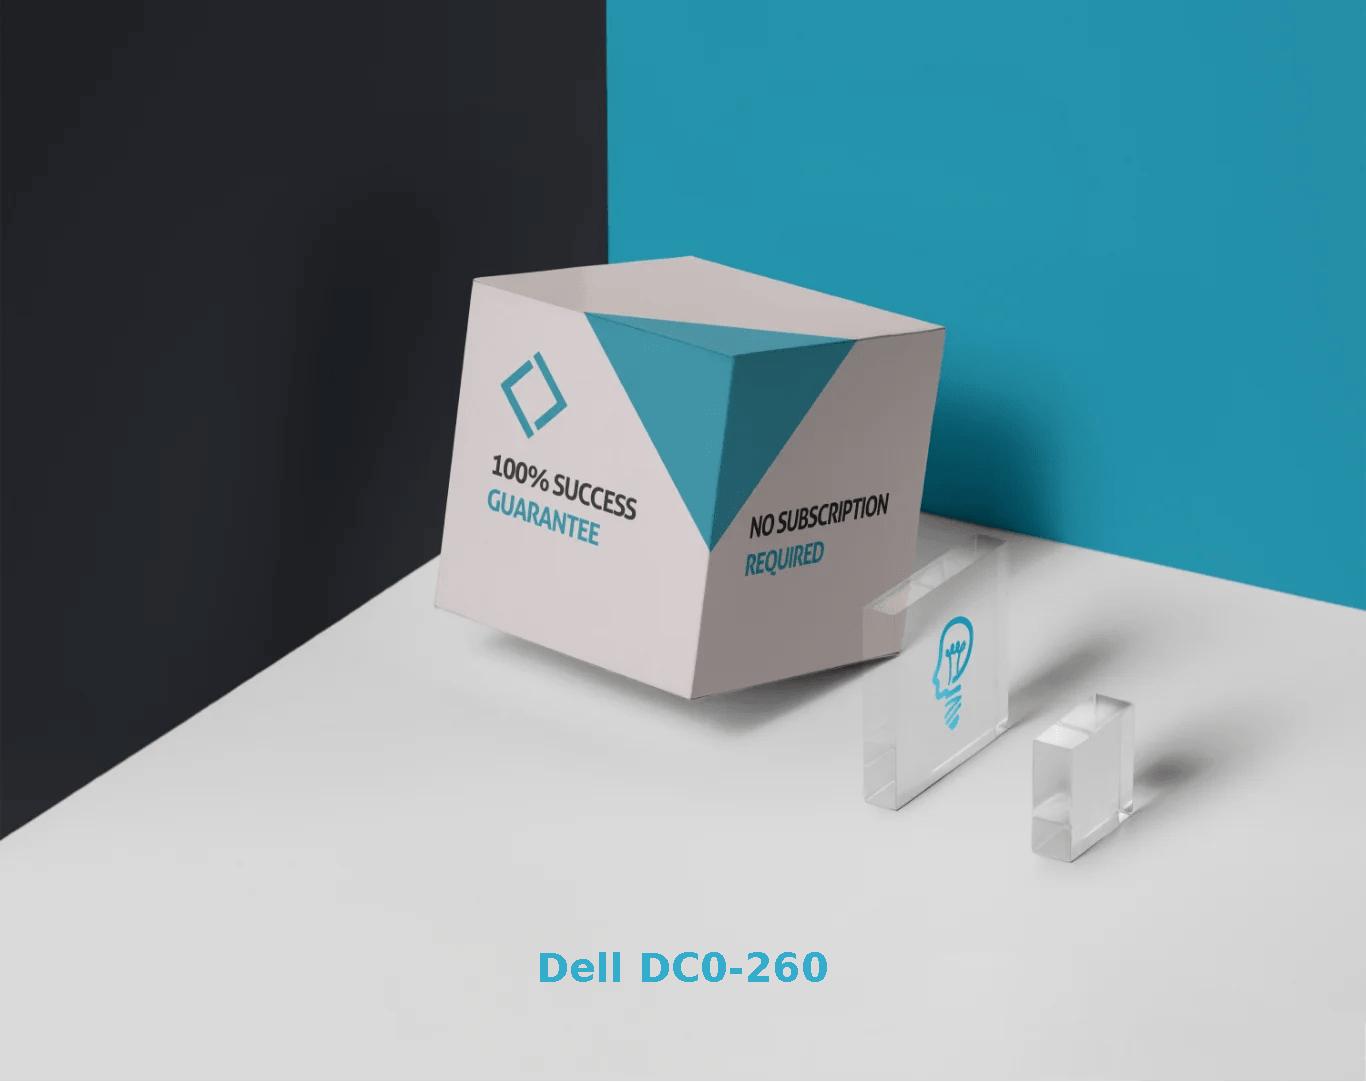 DC0-260 Dumps